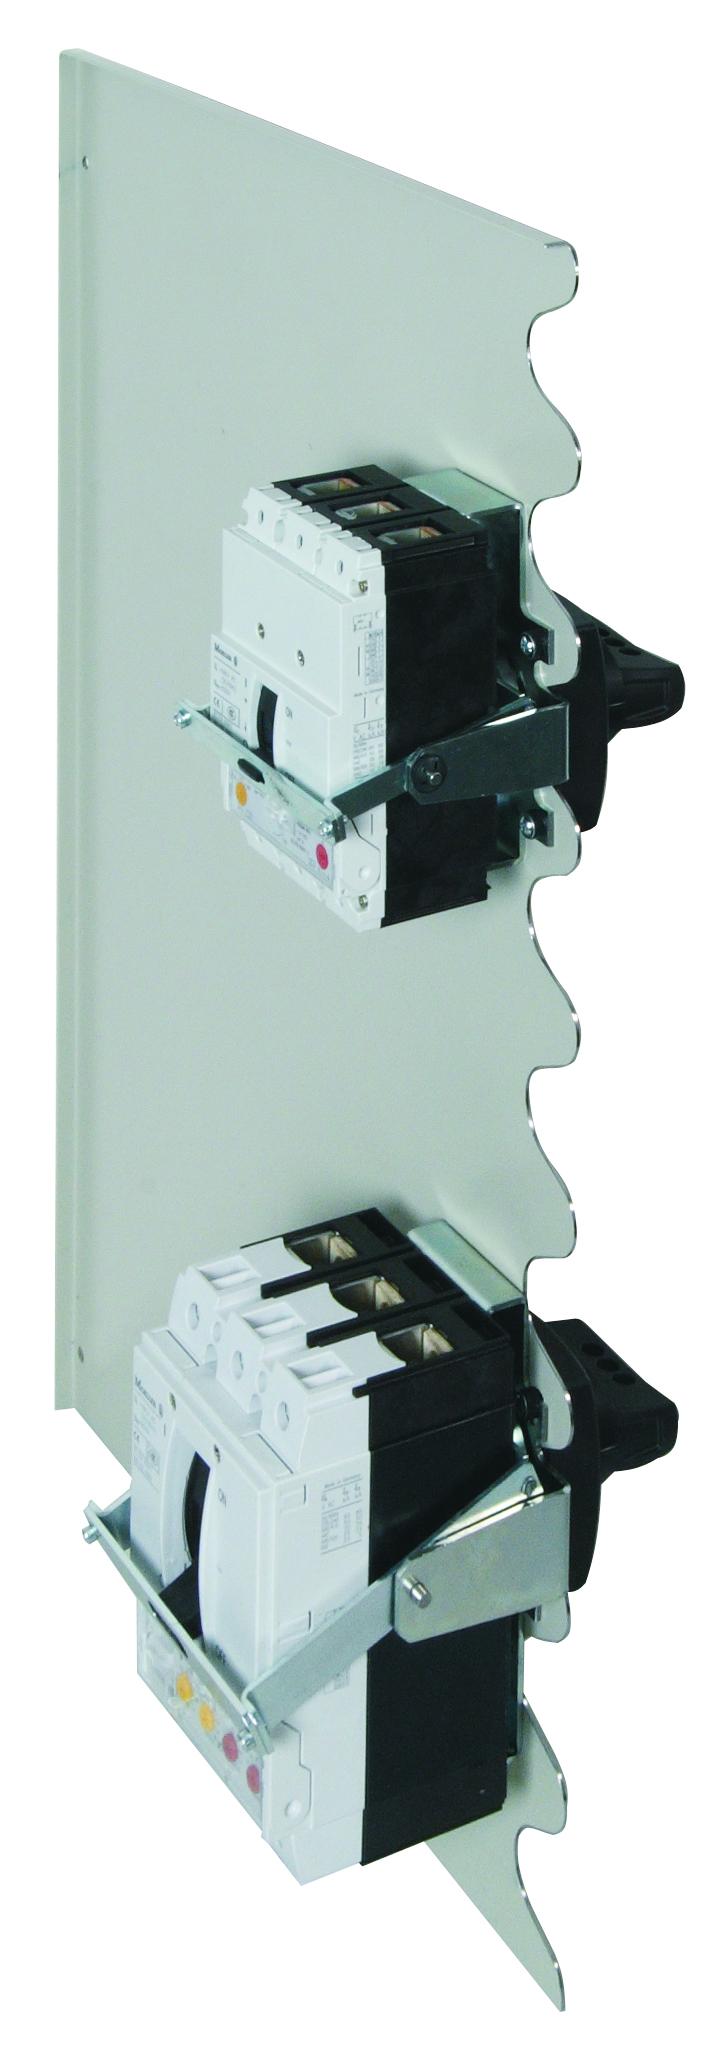 gro z gig hauptschalter des leistungsschalters bilder schaltplan serie circuit collection. Black Bedroom Furniture Sets. Home Design Ideas